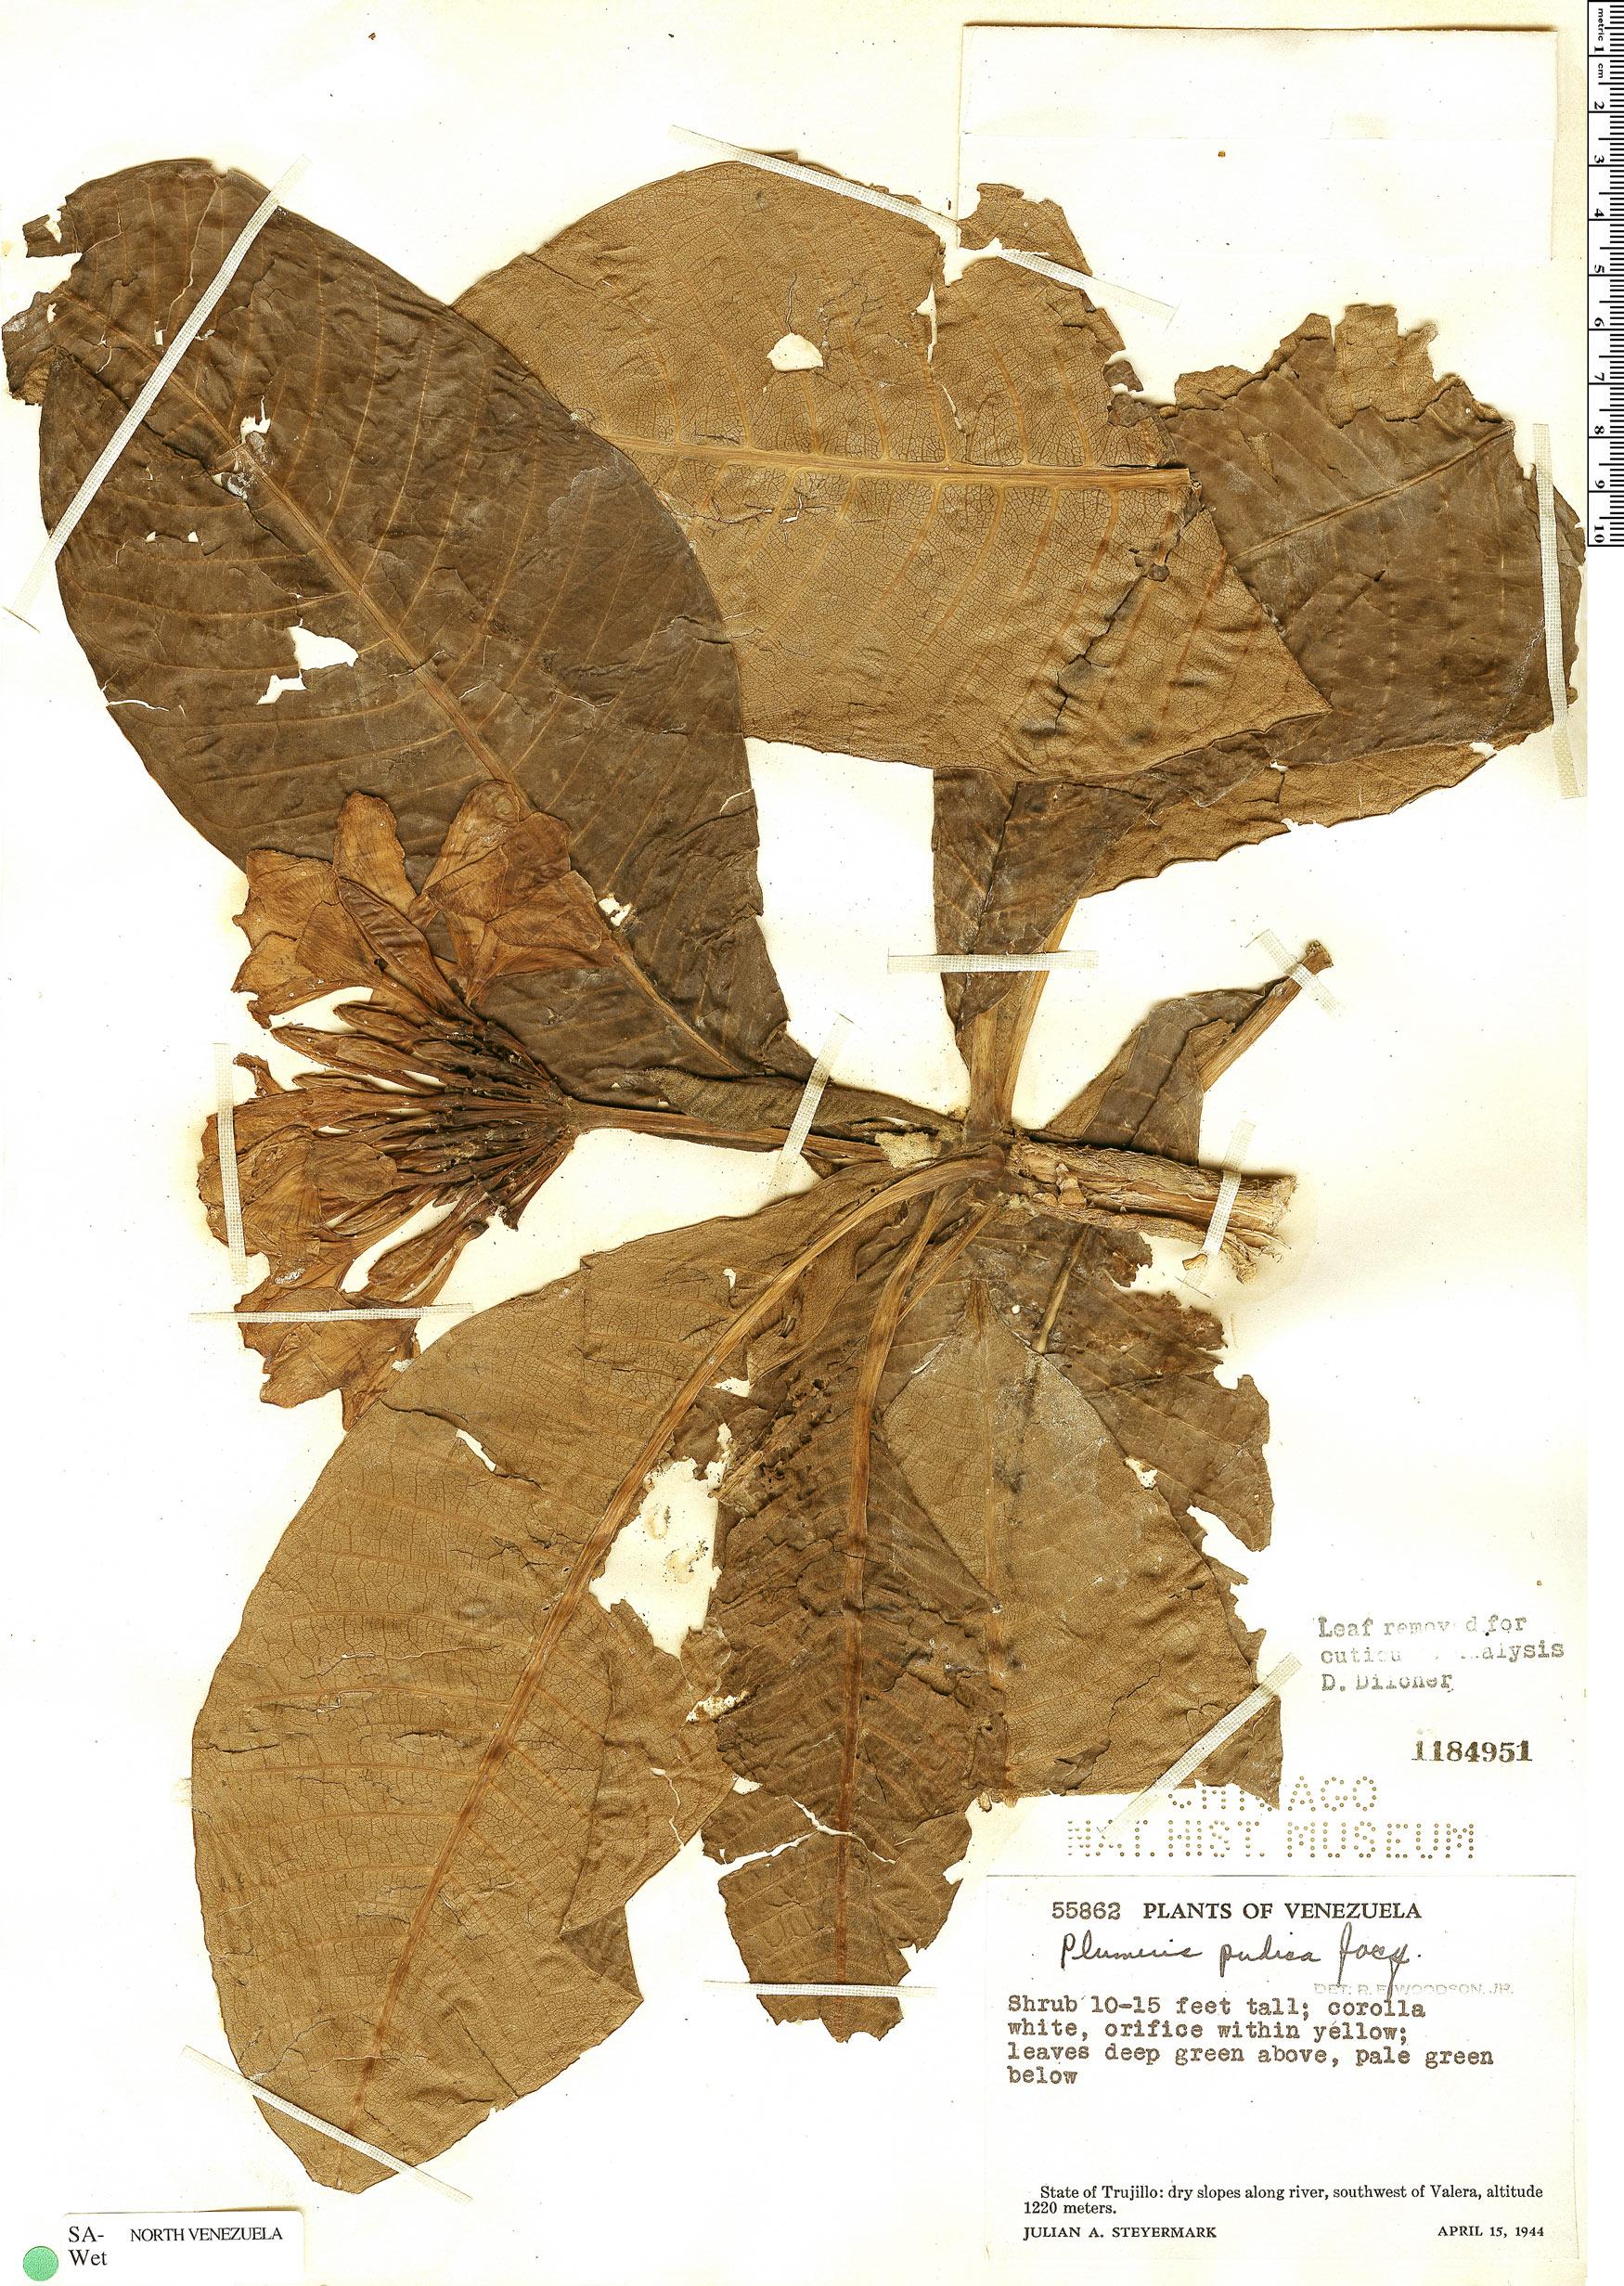 Specimen: Plumeria pudica